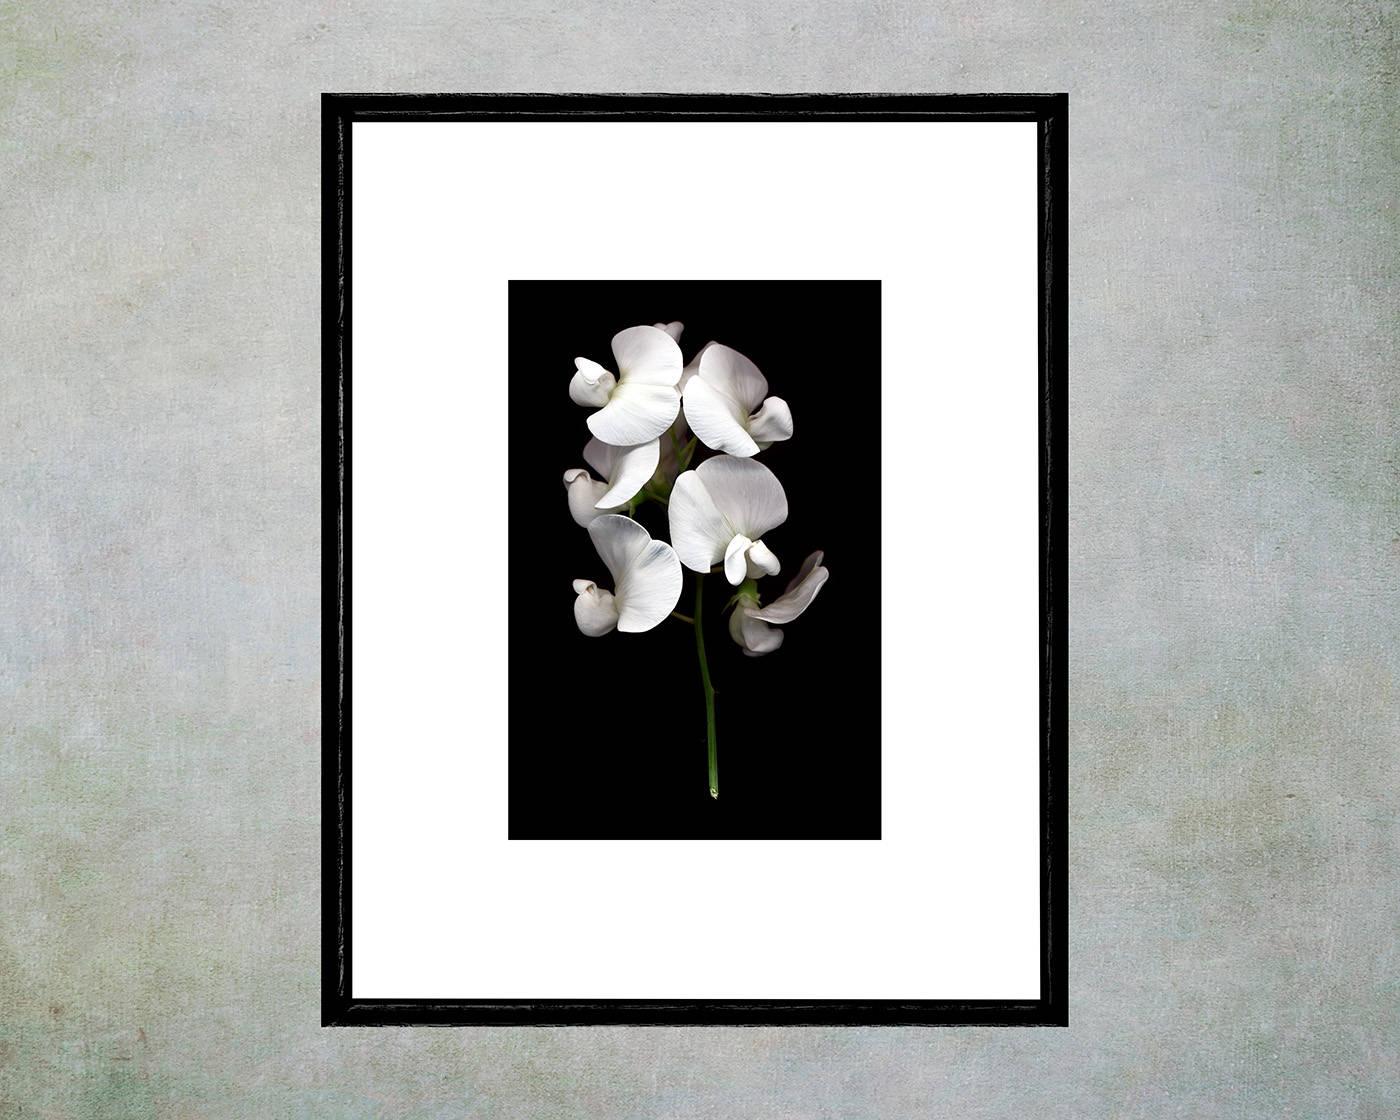 White Sweet Pea Flower Poster Art Large Printable Fine Art Etsy